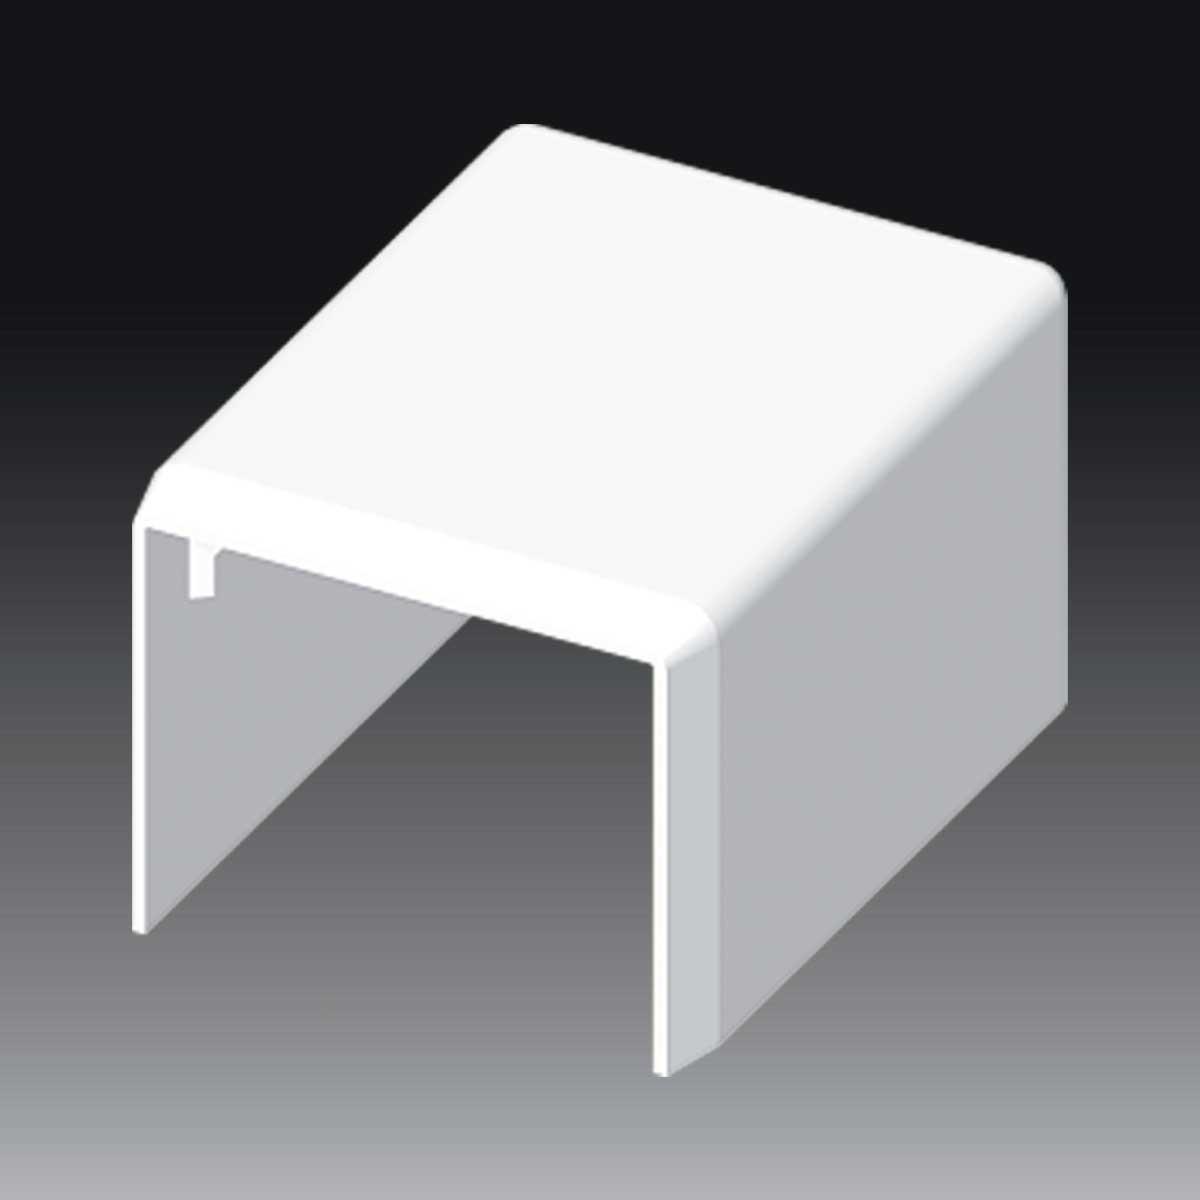 Заглушка для LHD 30х25 білого кольору; Серія LHD; ПВХ